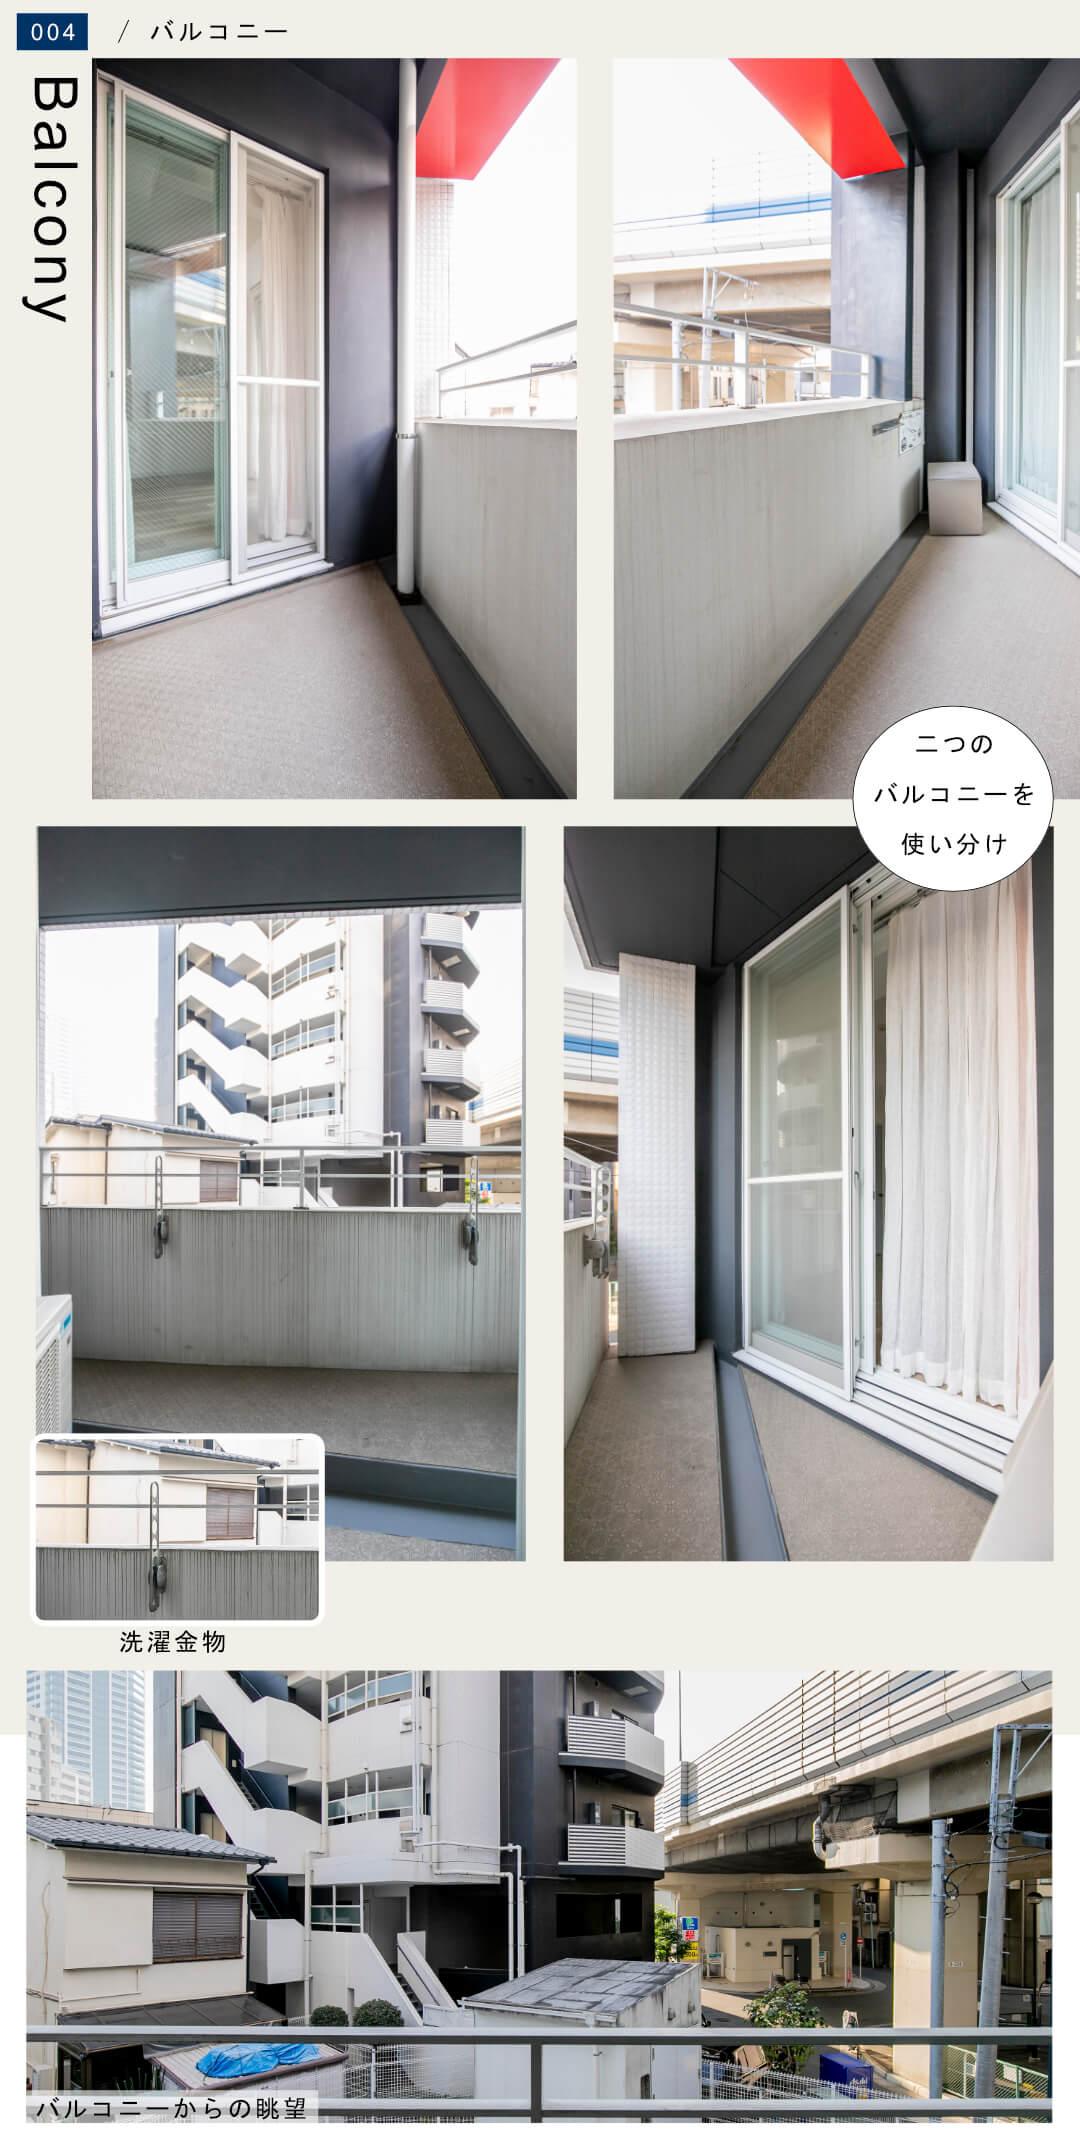 小田急コアロード広尾201のバルコニー